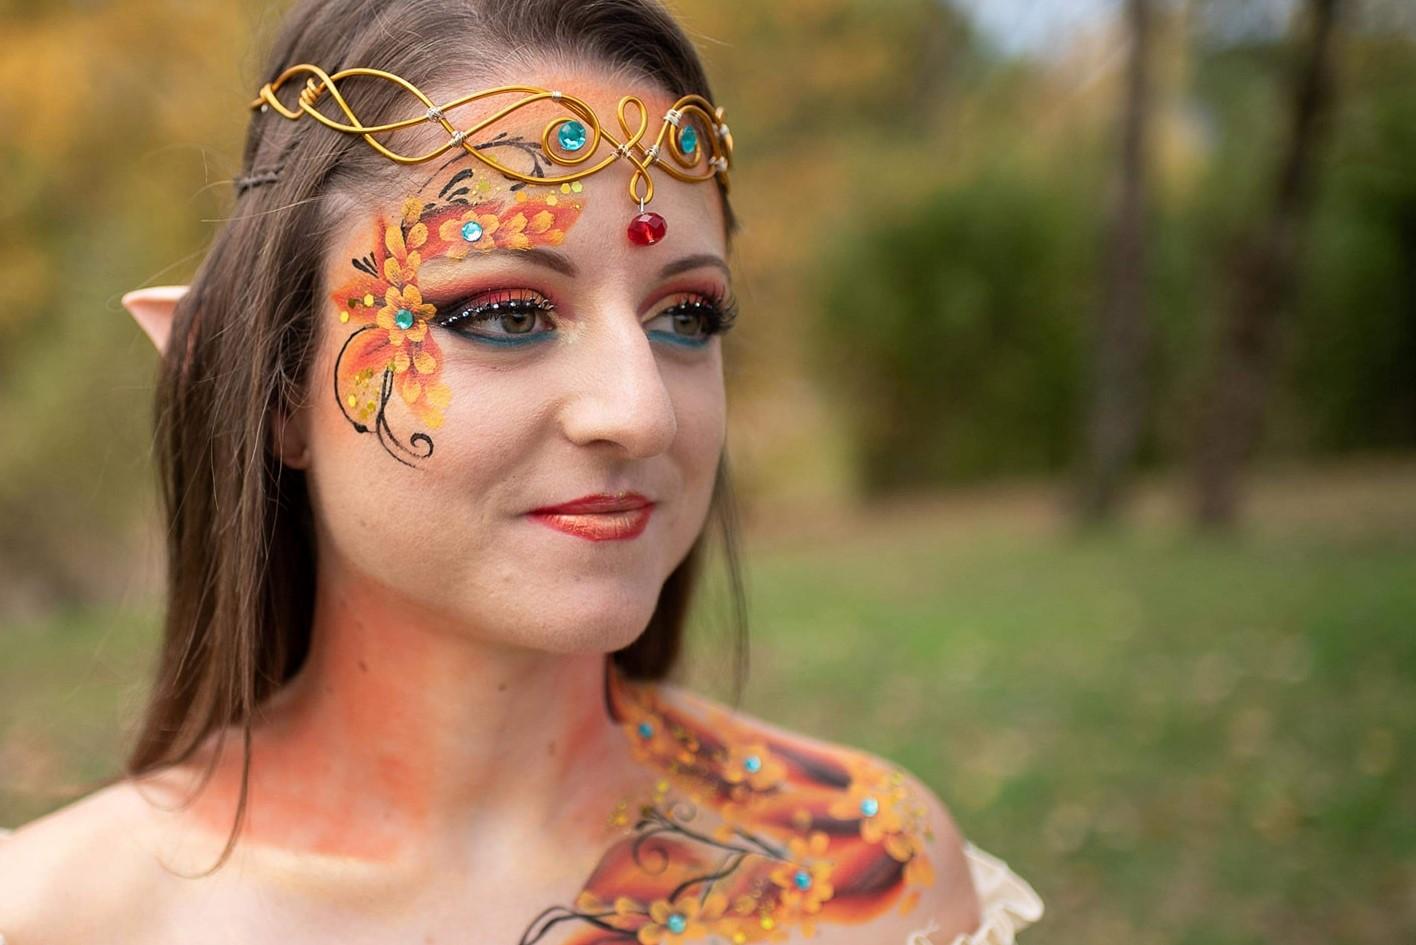 maquillage artistique2.jpg